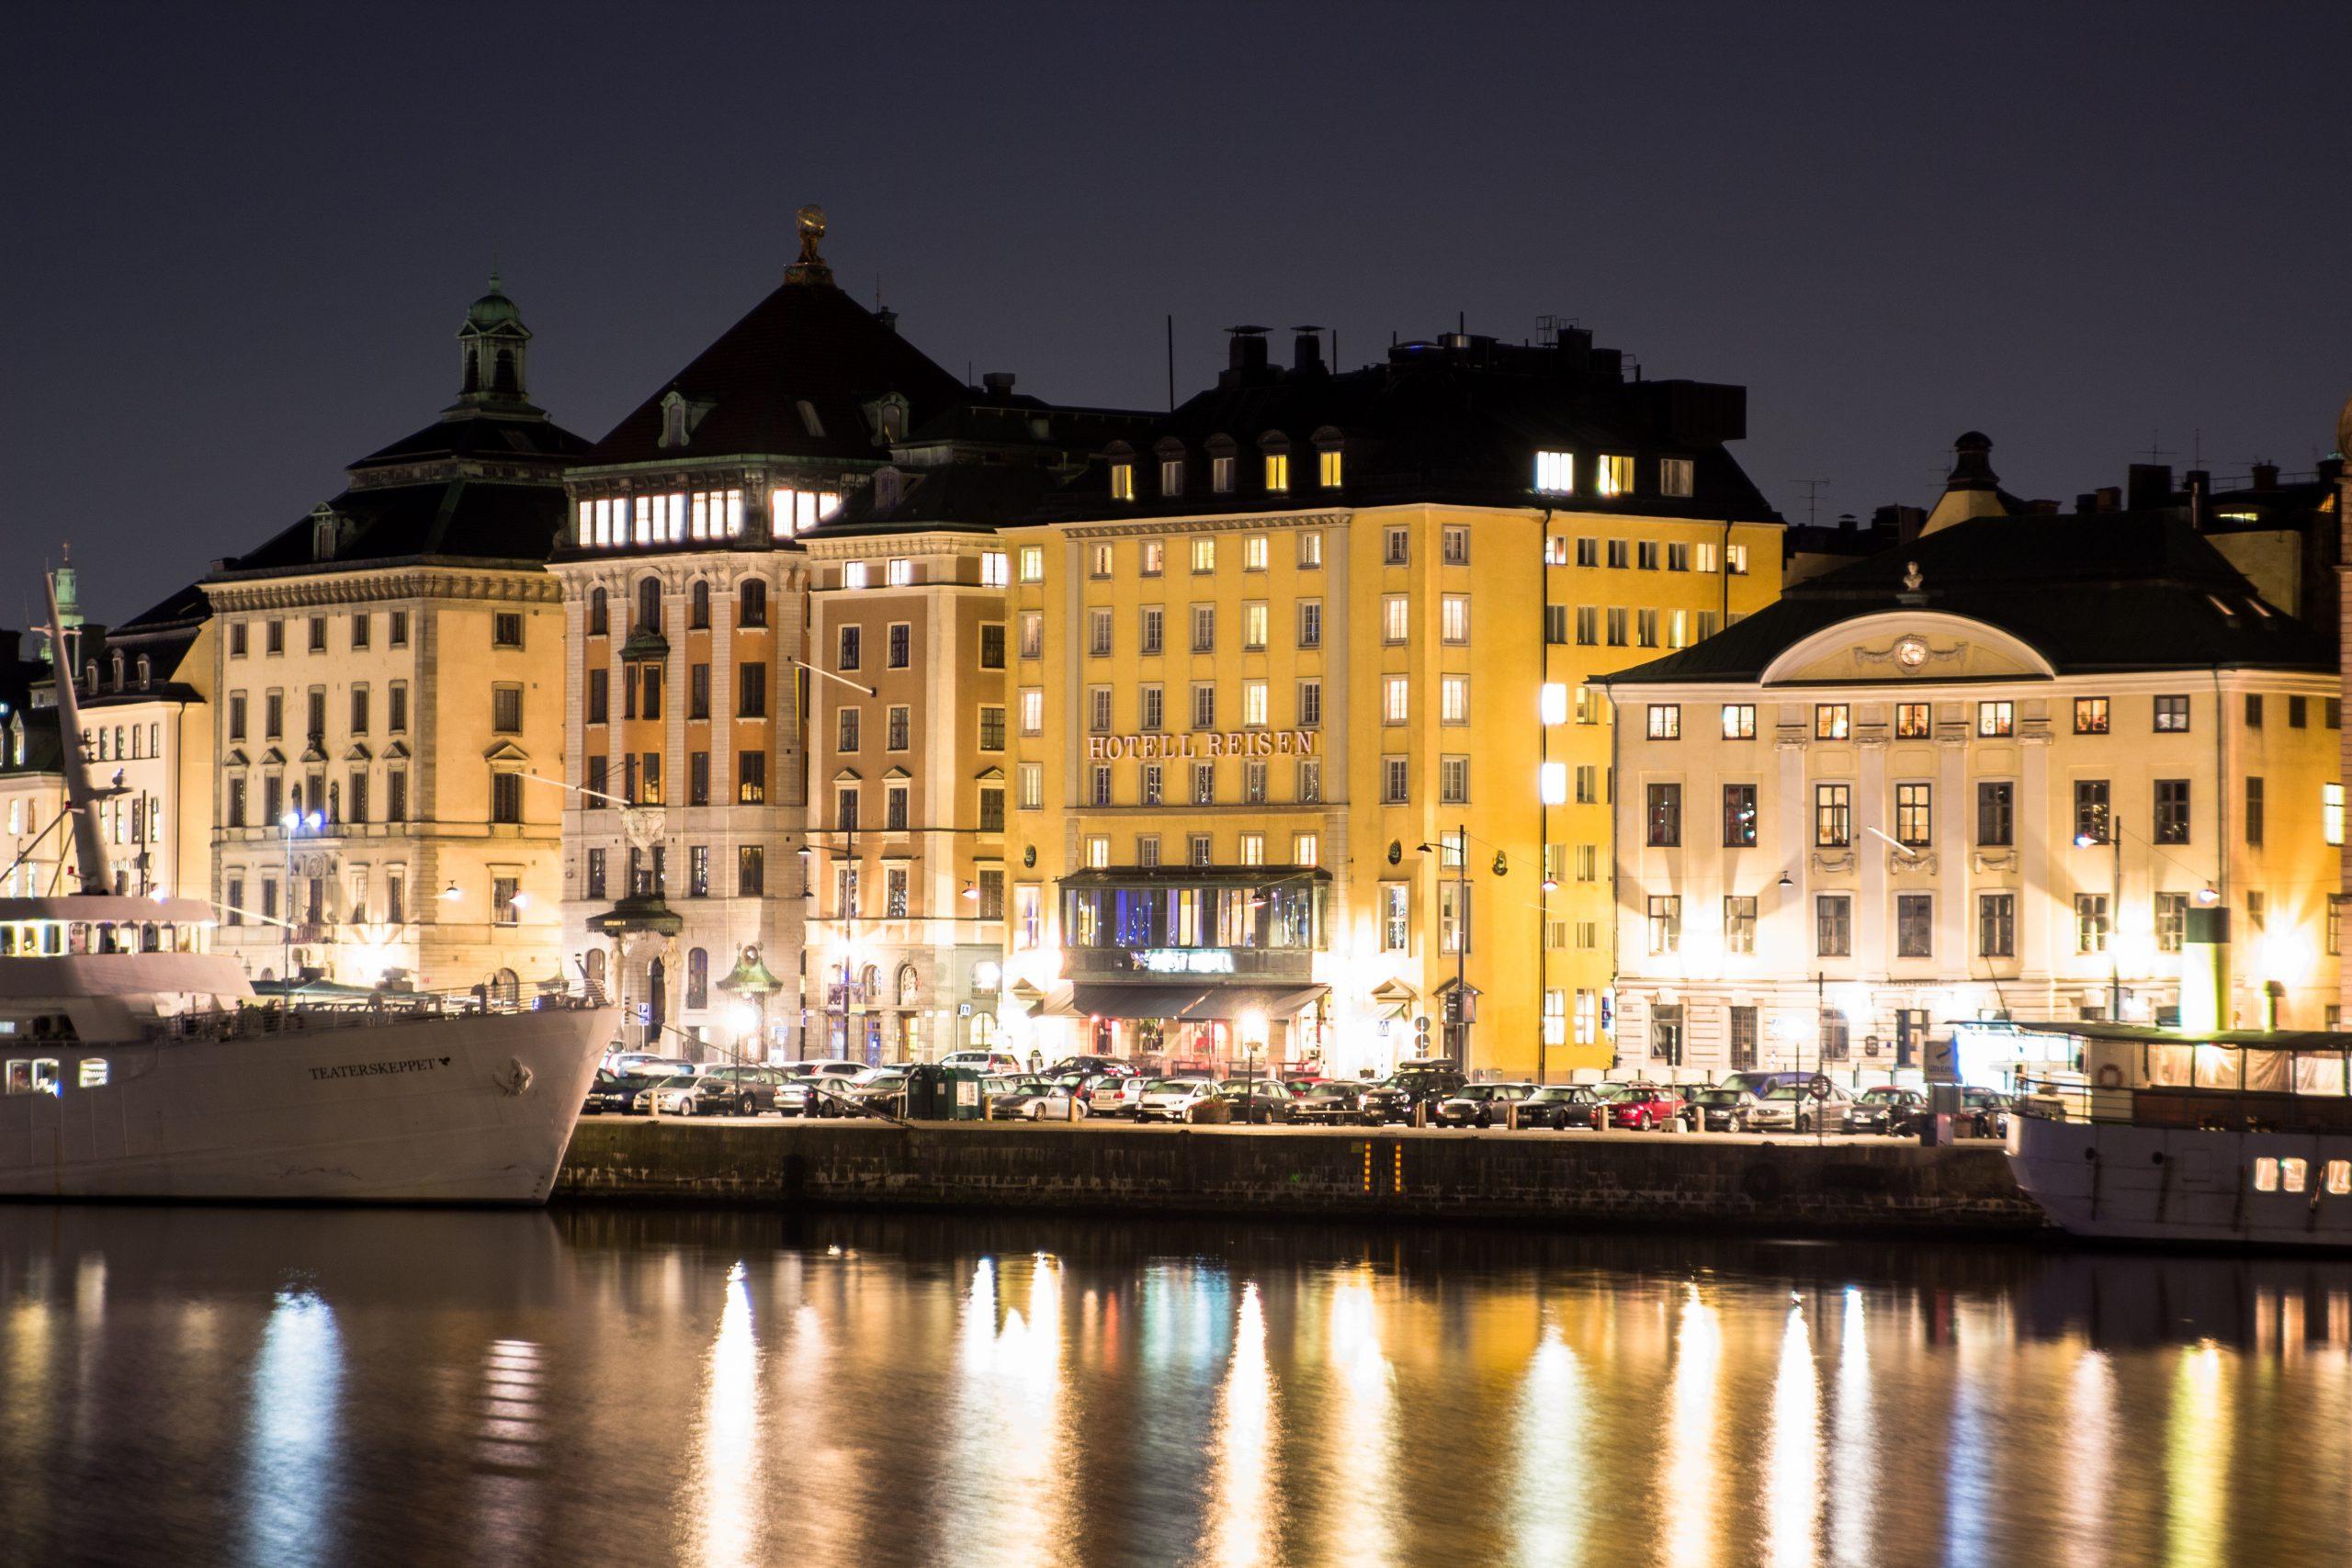 Den amerikanske hotelkæde Hyatt overtager næste år driften af Hotel Reisen i det centrale Stockholm. PR-foto.